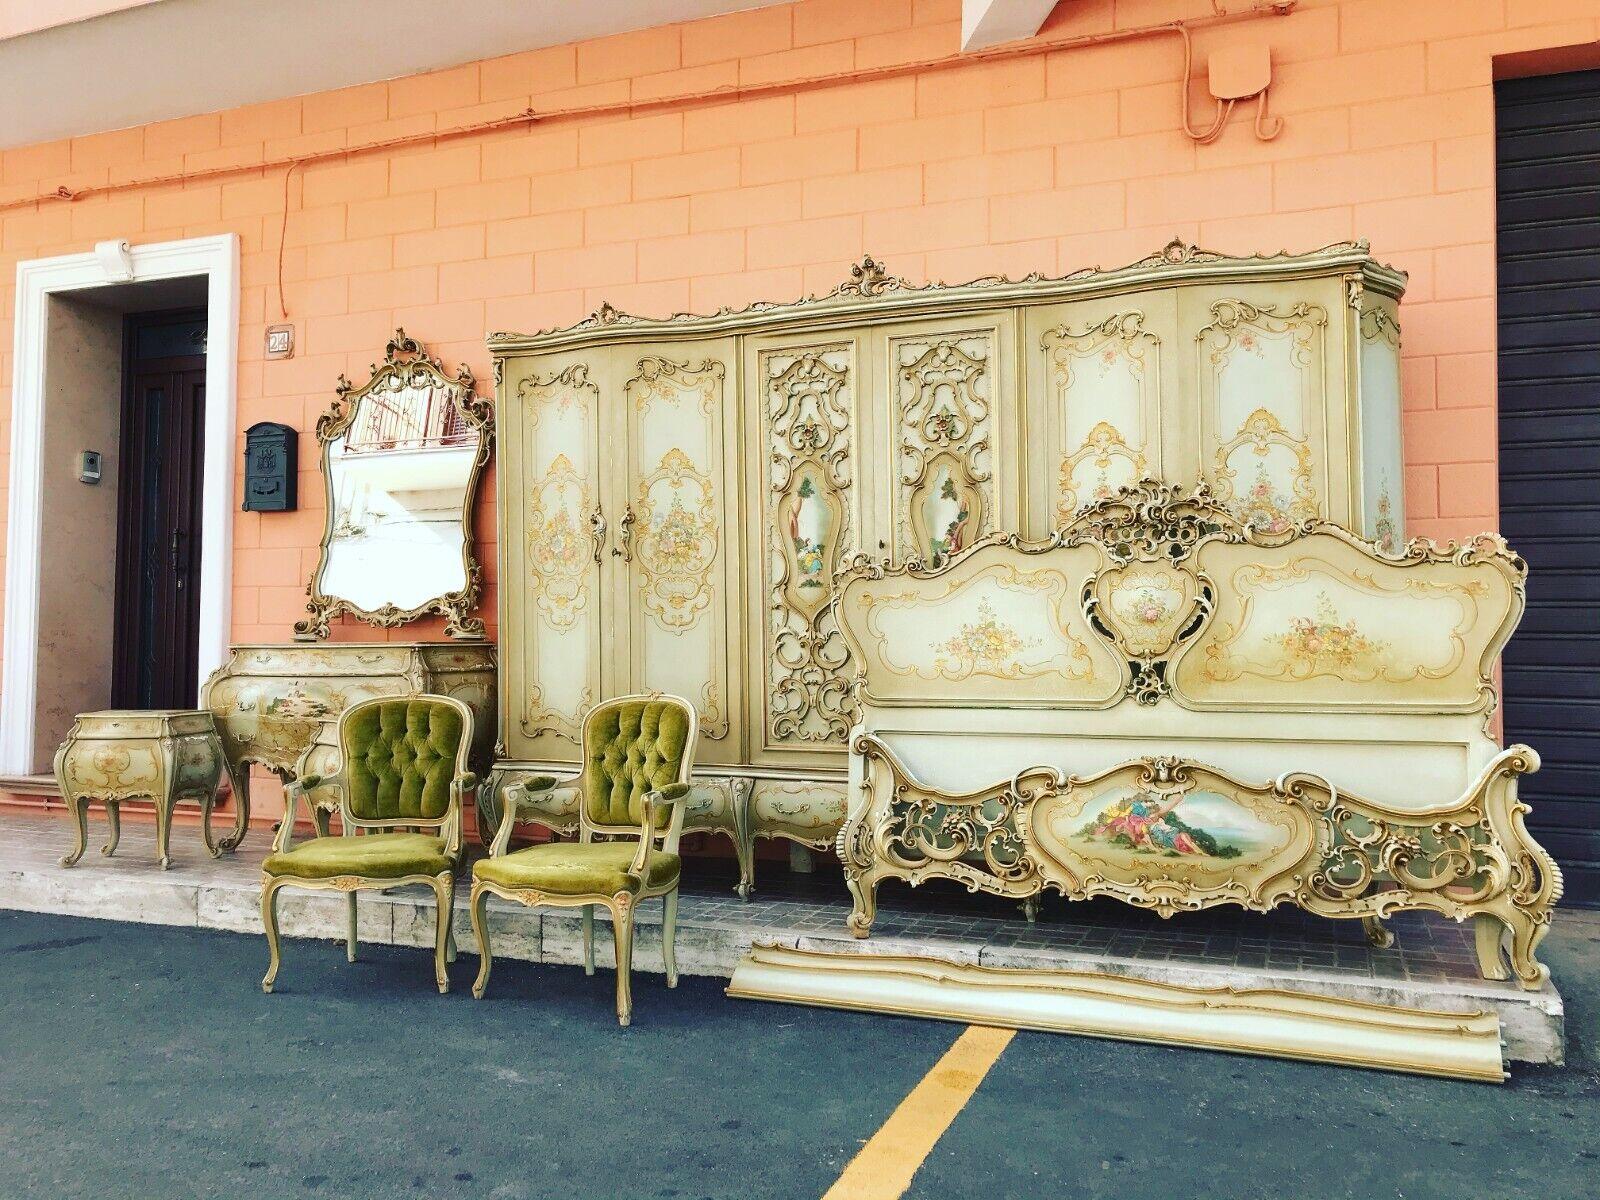 Camera Barocco Veneziano Annunci In Tutta Italia Kijiji Annunci Di Ebay